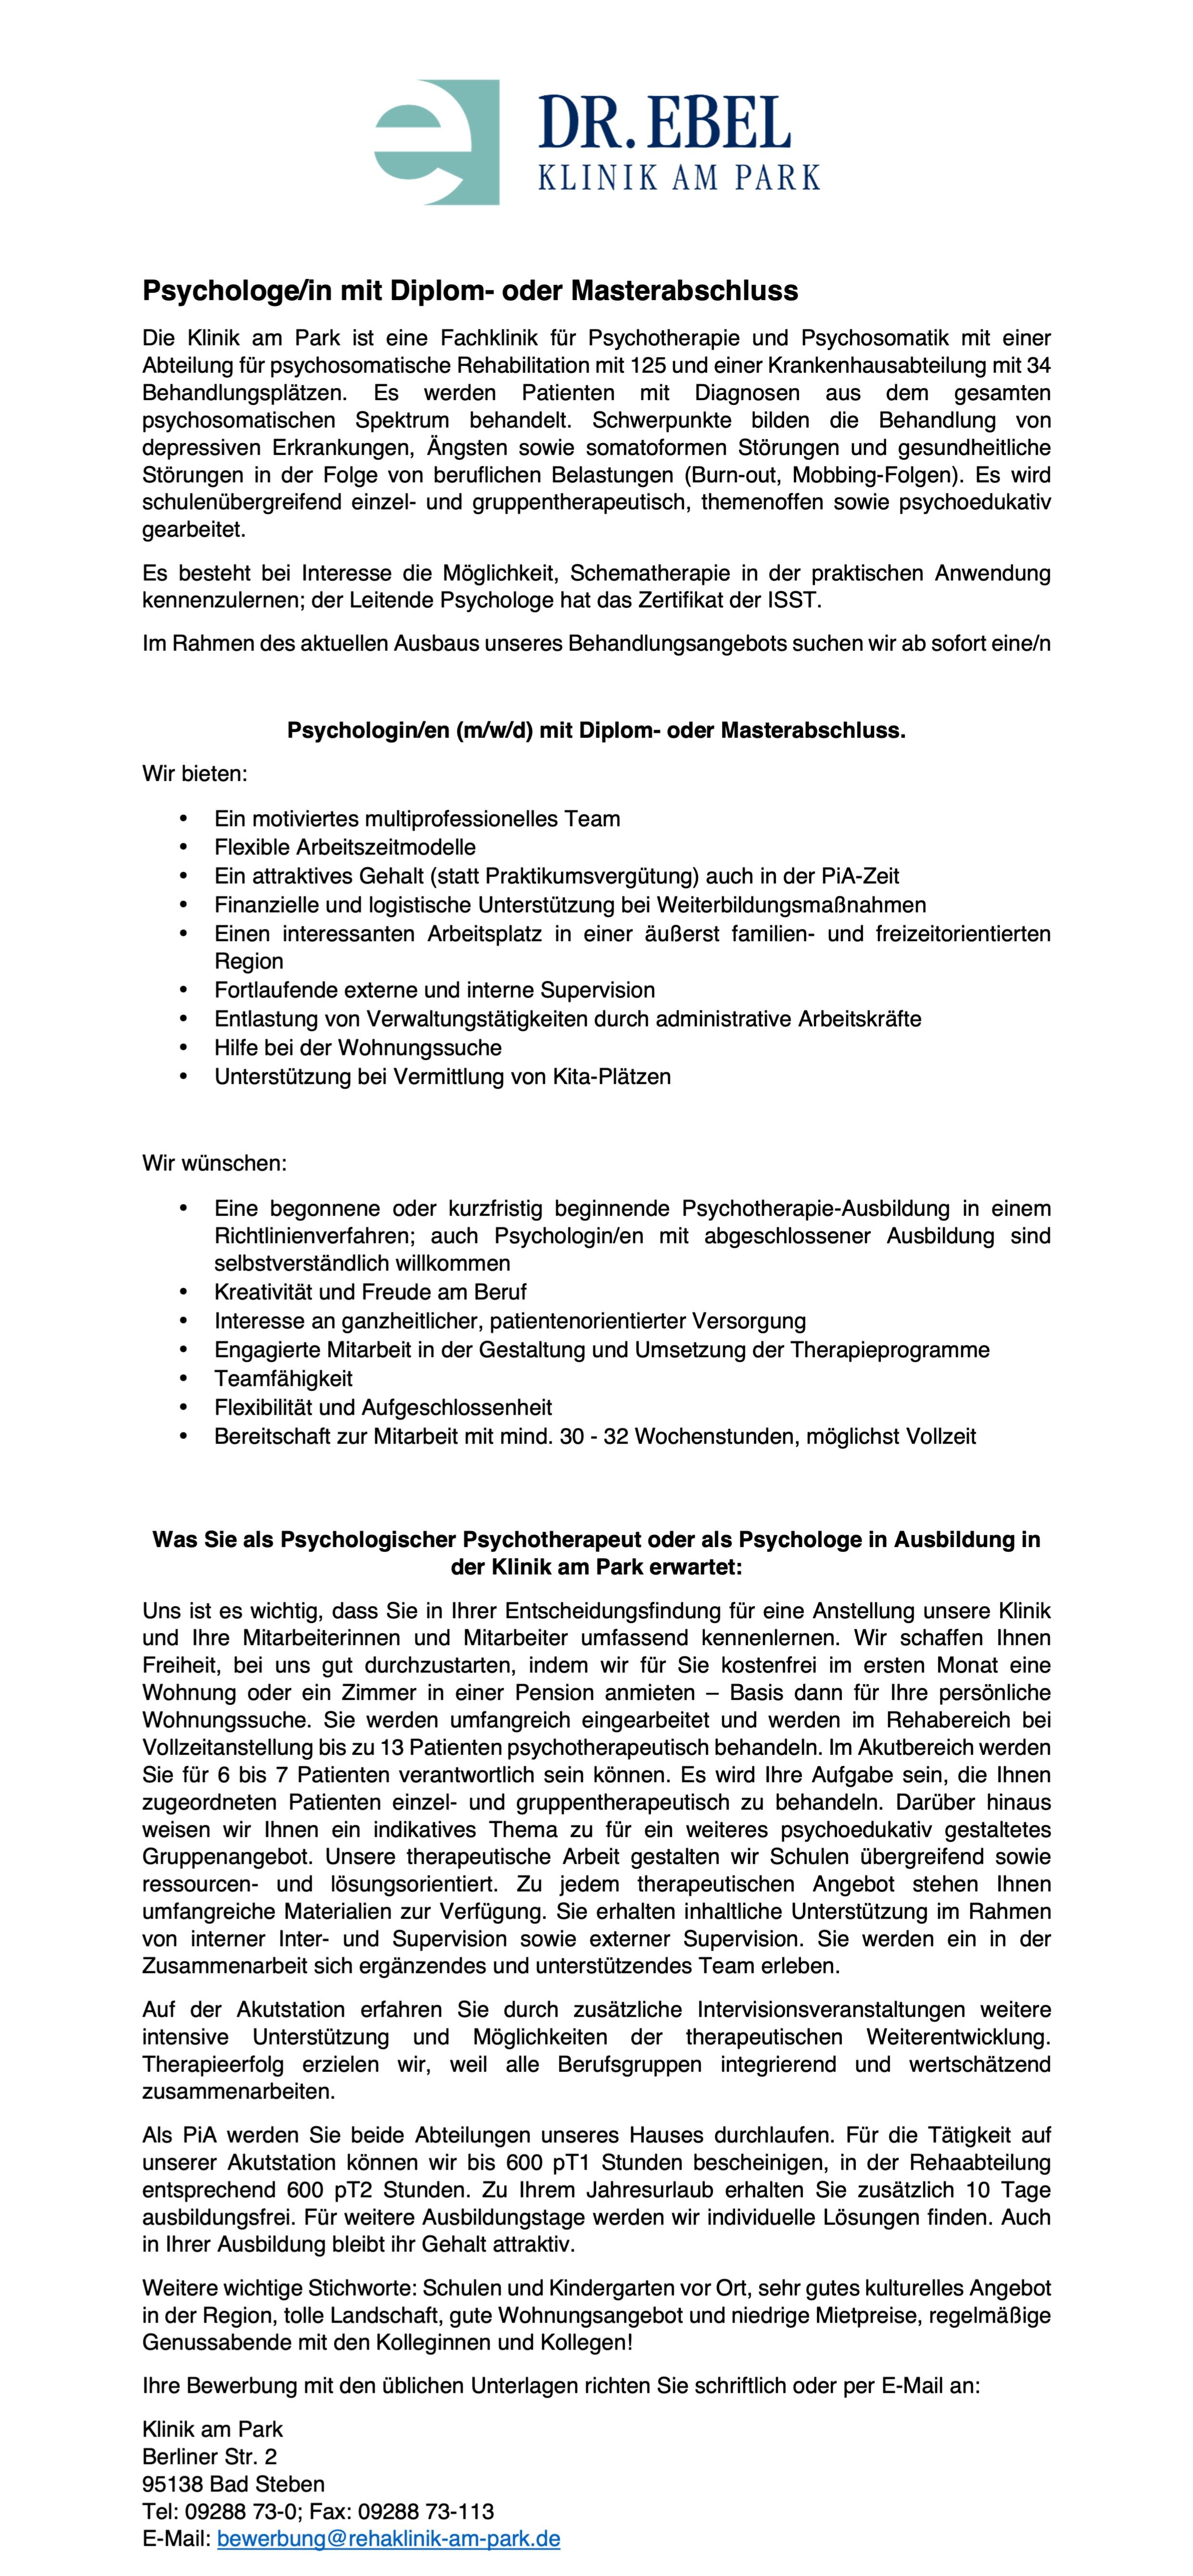 Psychologin/e (m/w/d) mit Diplom- oder Masterabschluss